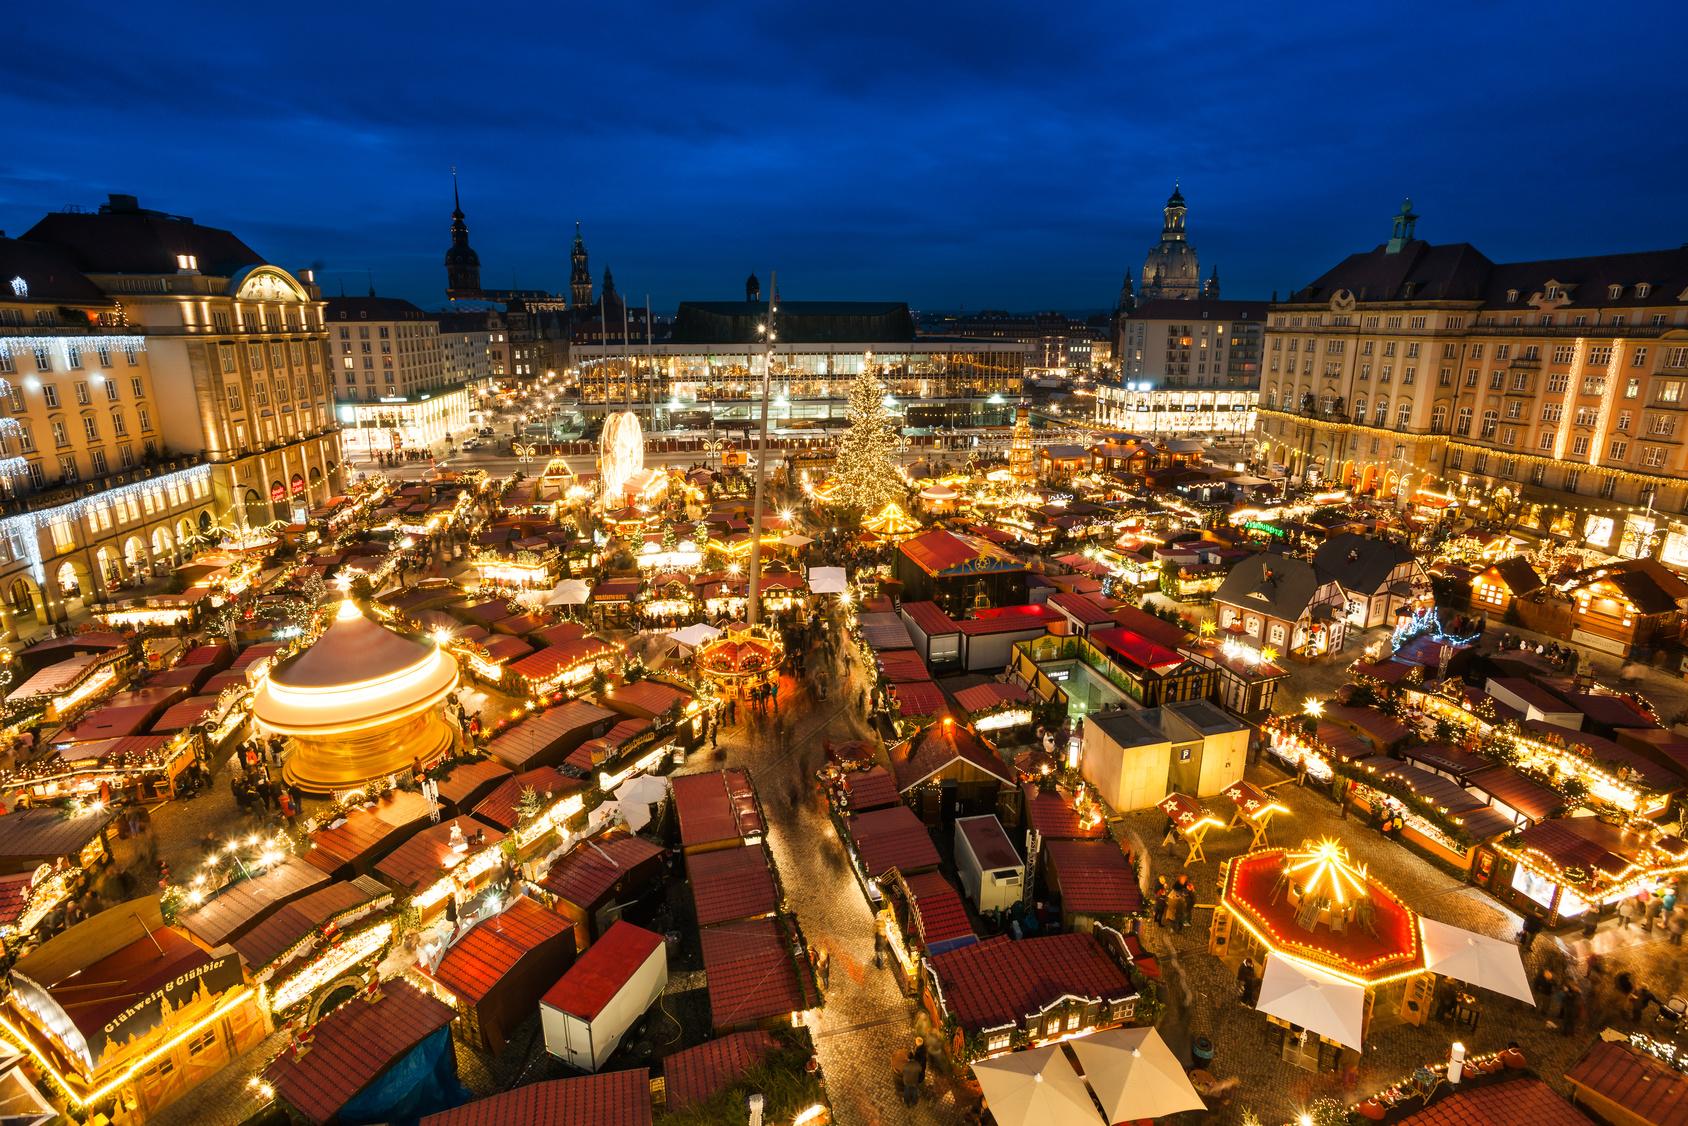 Dresden striezelmarkt franitza reisen for Hotels in dresden zentrum